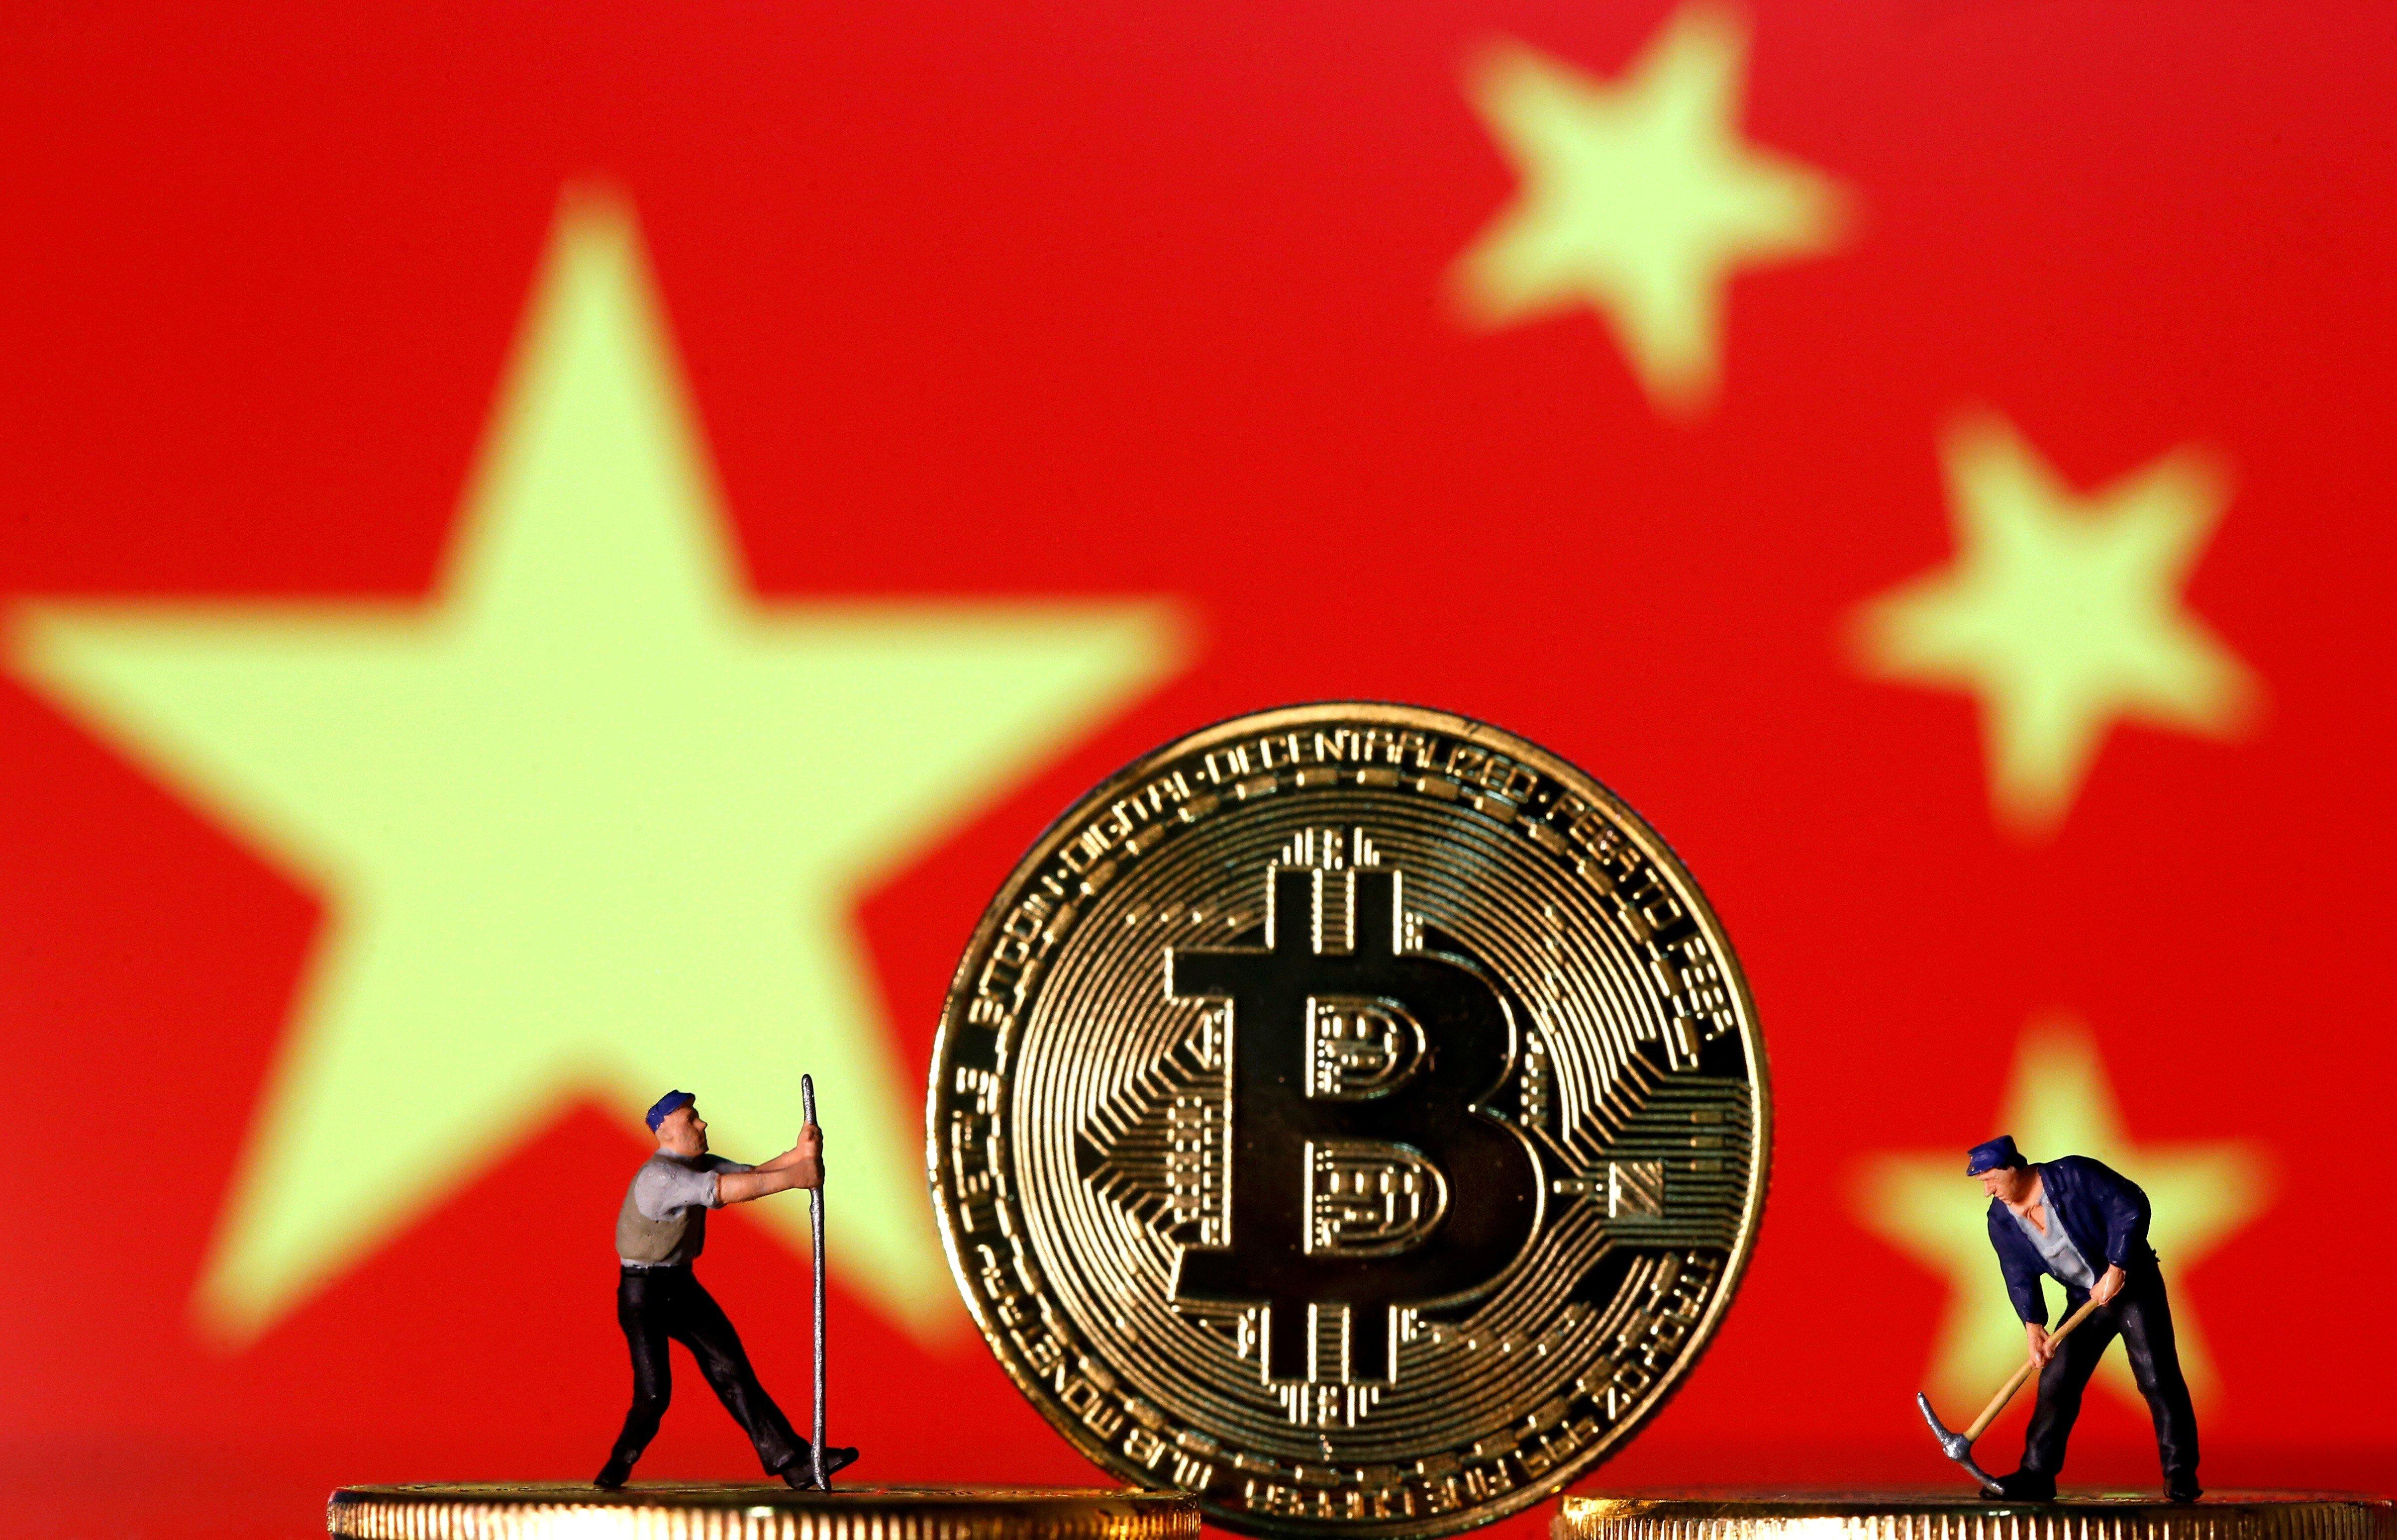 Bitcoin giù per i divieti imposti in Cina. E i prezzi delle GPU crollano - festivaldelcinemaindipendente.it